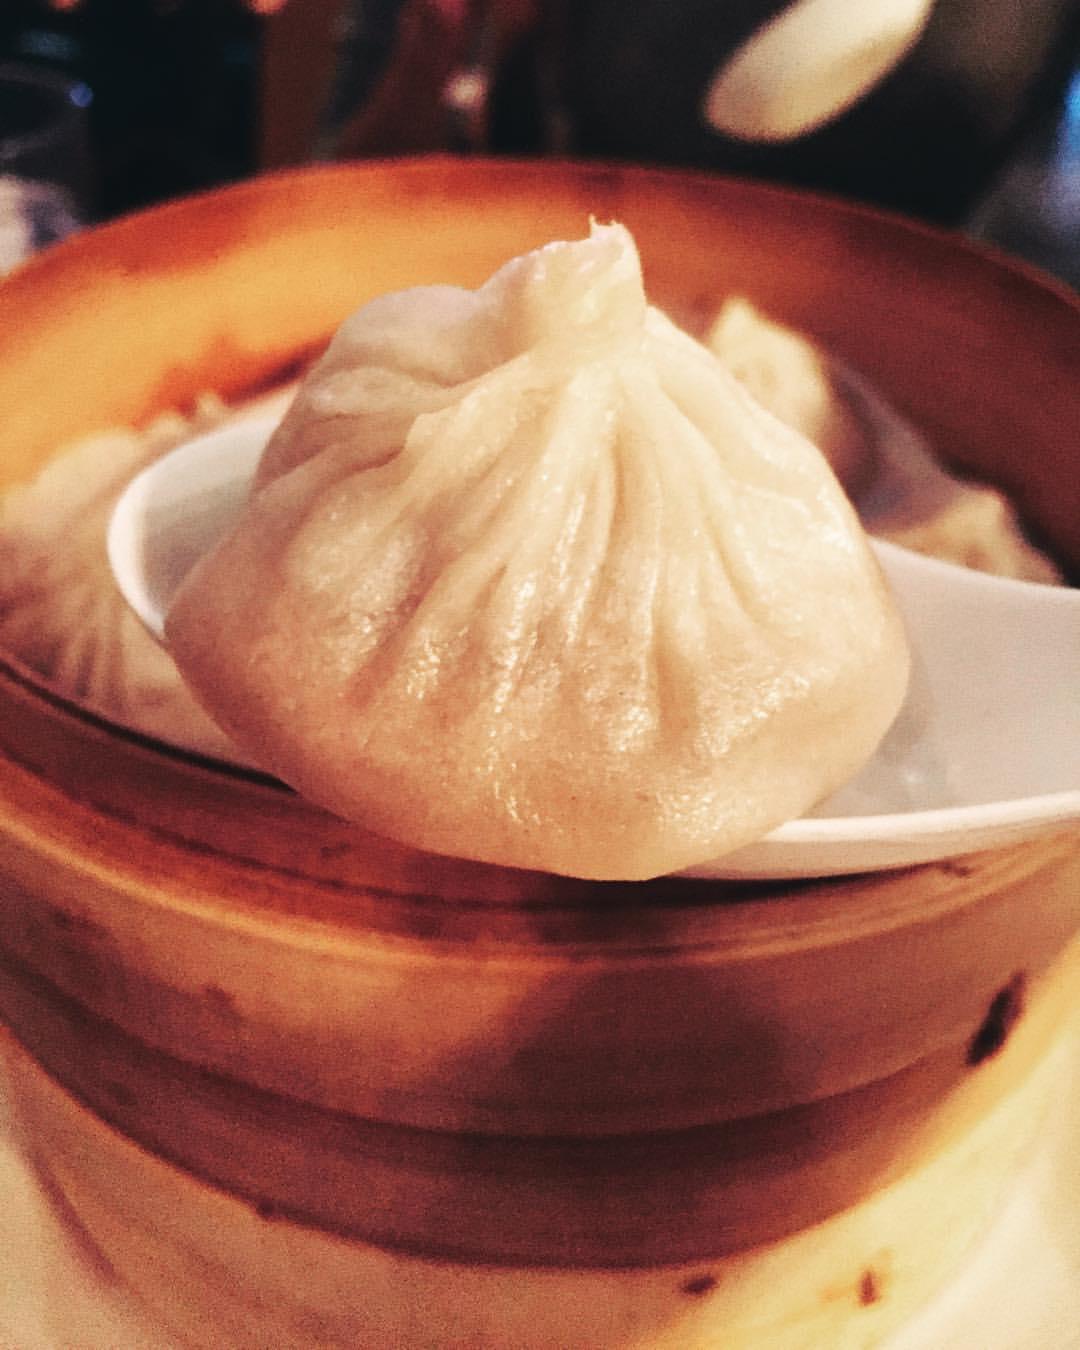 Craving right now: the pork & crab soup dumplings from Kung Fu Xiao Long Bao in Flushing.            #flushing #flushingny #queens #queensnyc #queensfood #queenseats #flushingfood #food #xiaolongbao #queensistasty #qnsmade #heartofqueens  (at Kung Fu Xiao Long Bao)